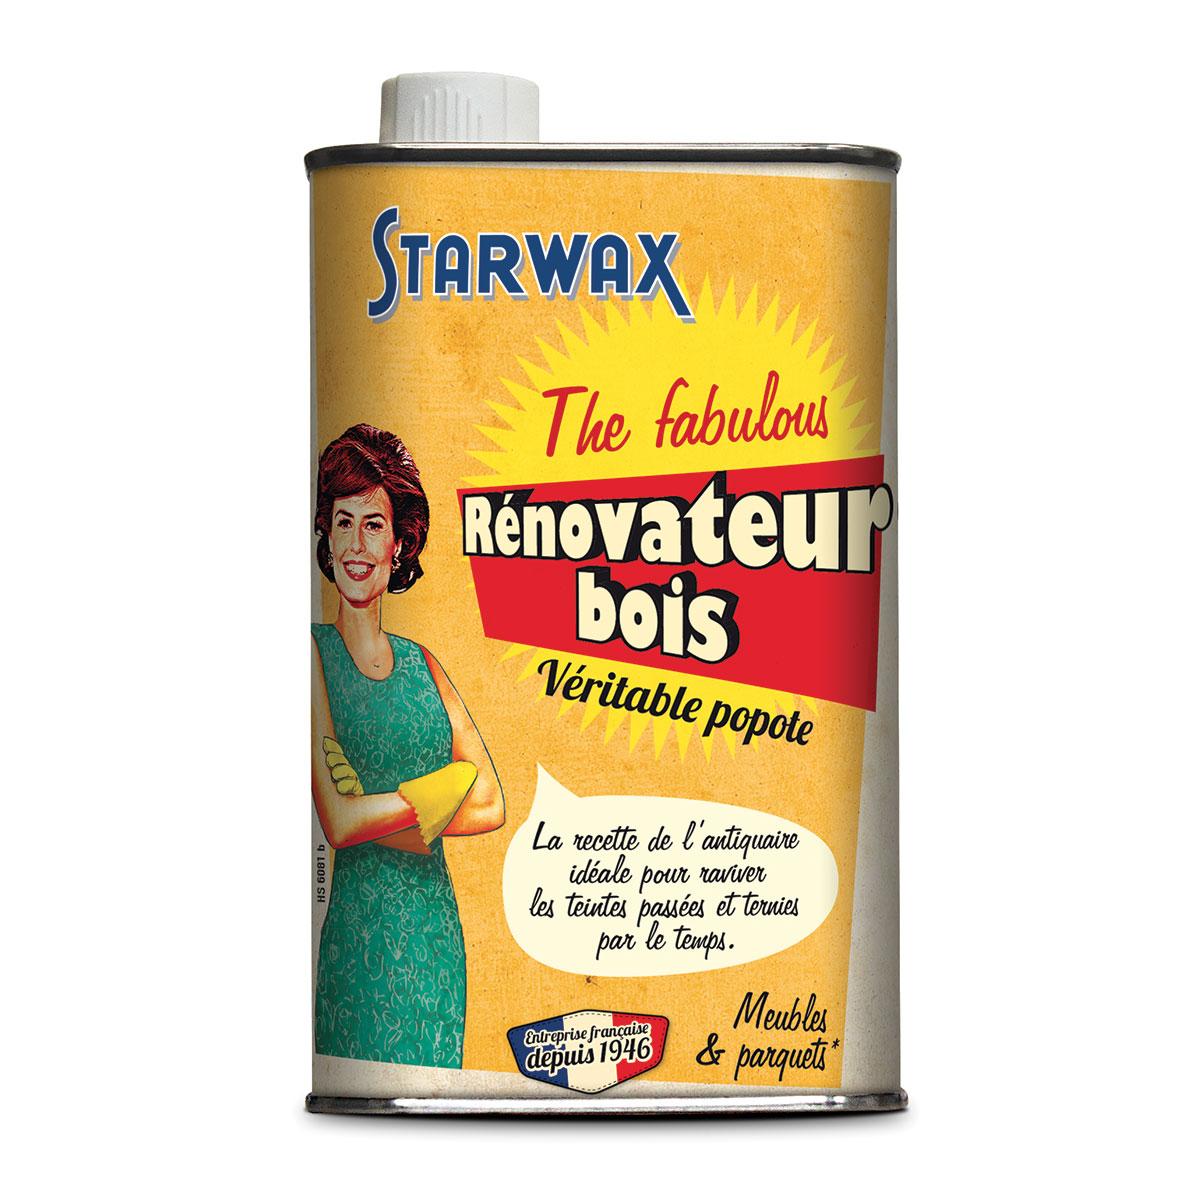 Rénovateur bois popote - Starwax The Fabulous